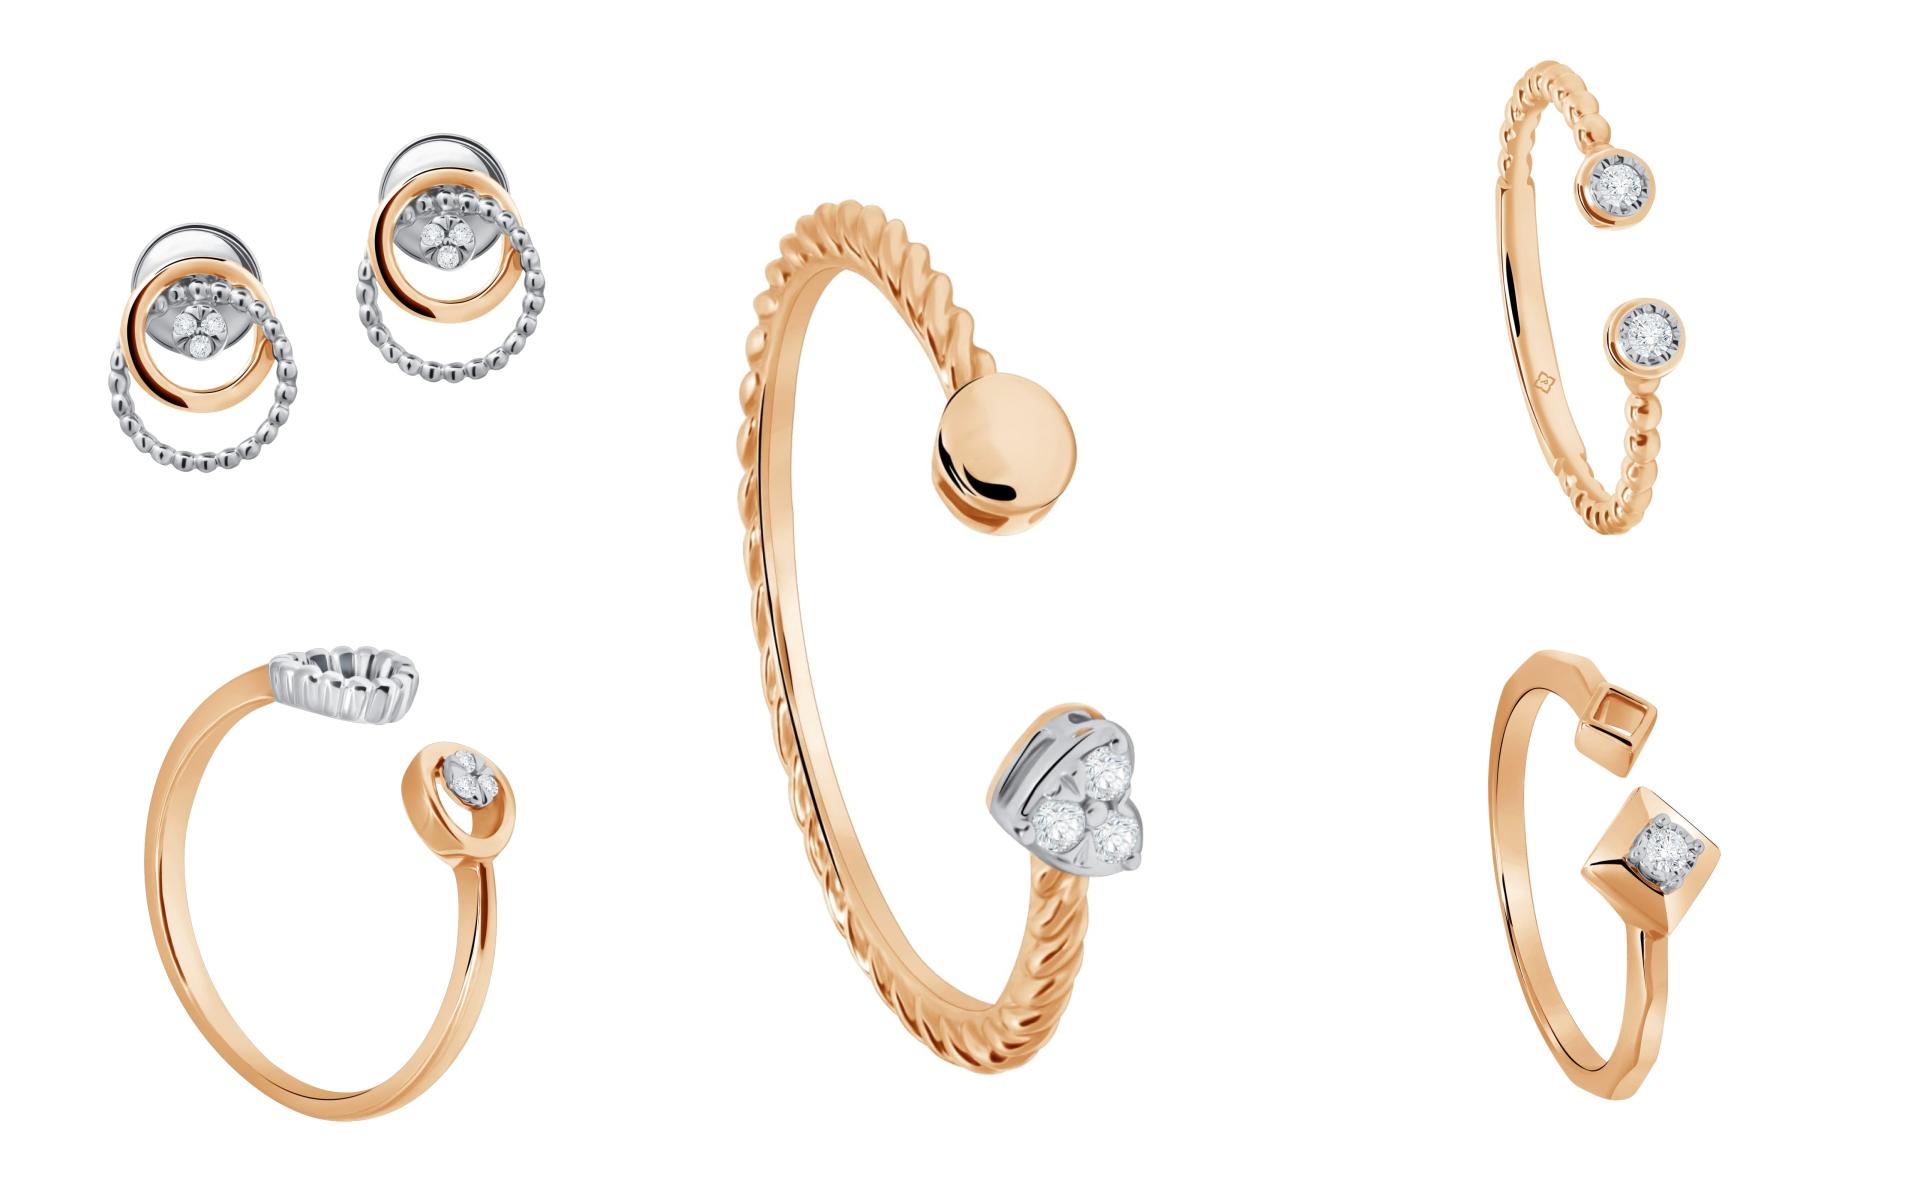 Moela, Koleksi Perhiasan Emas Fashionable dengan Harga dari Sejutaan!